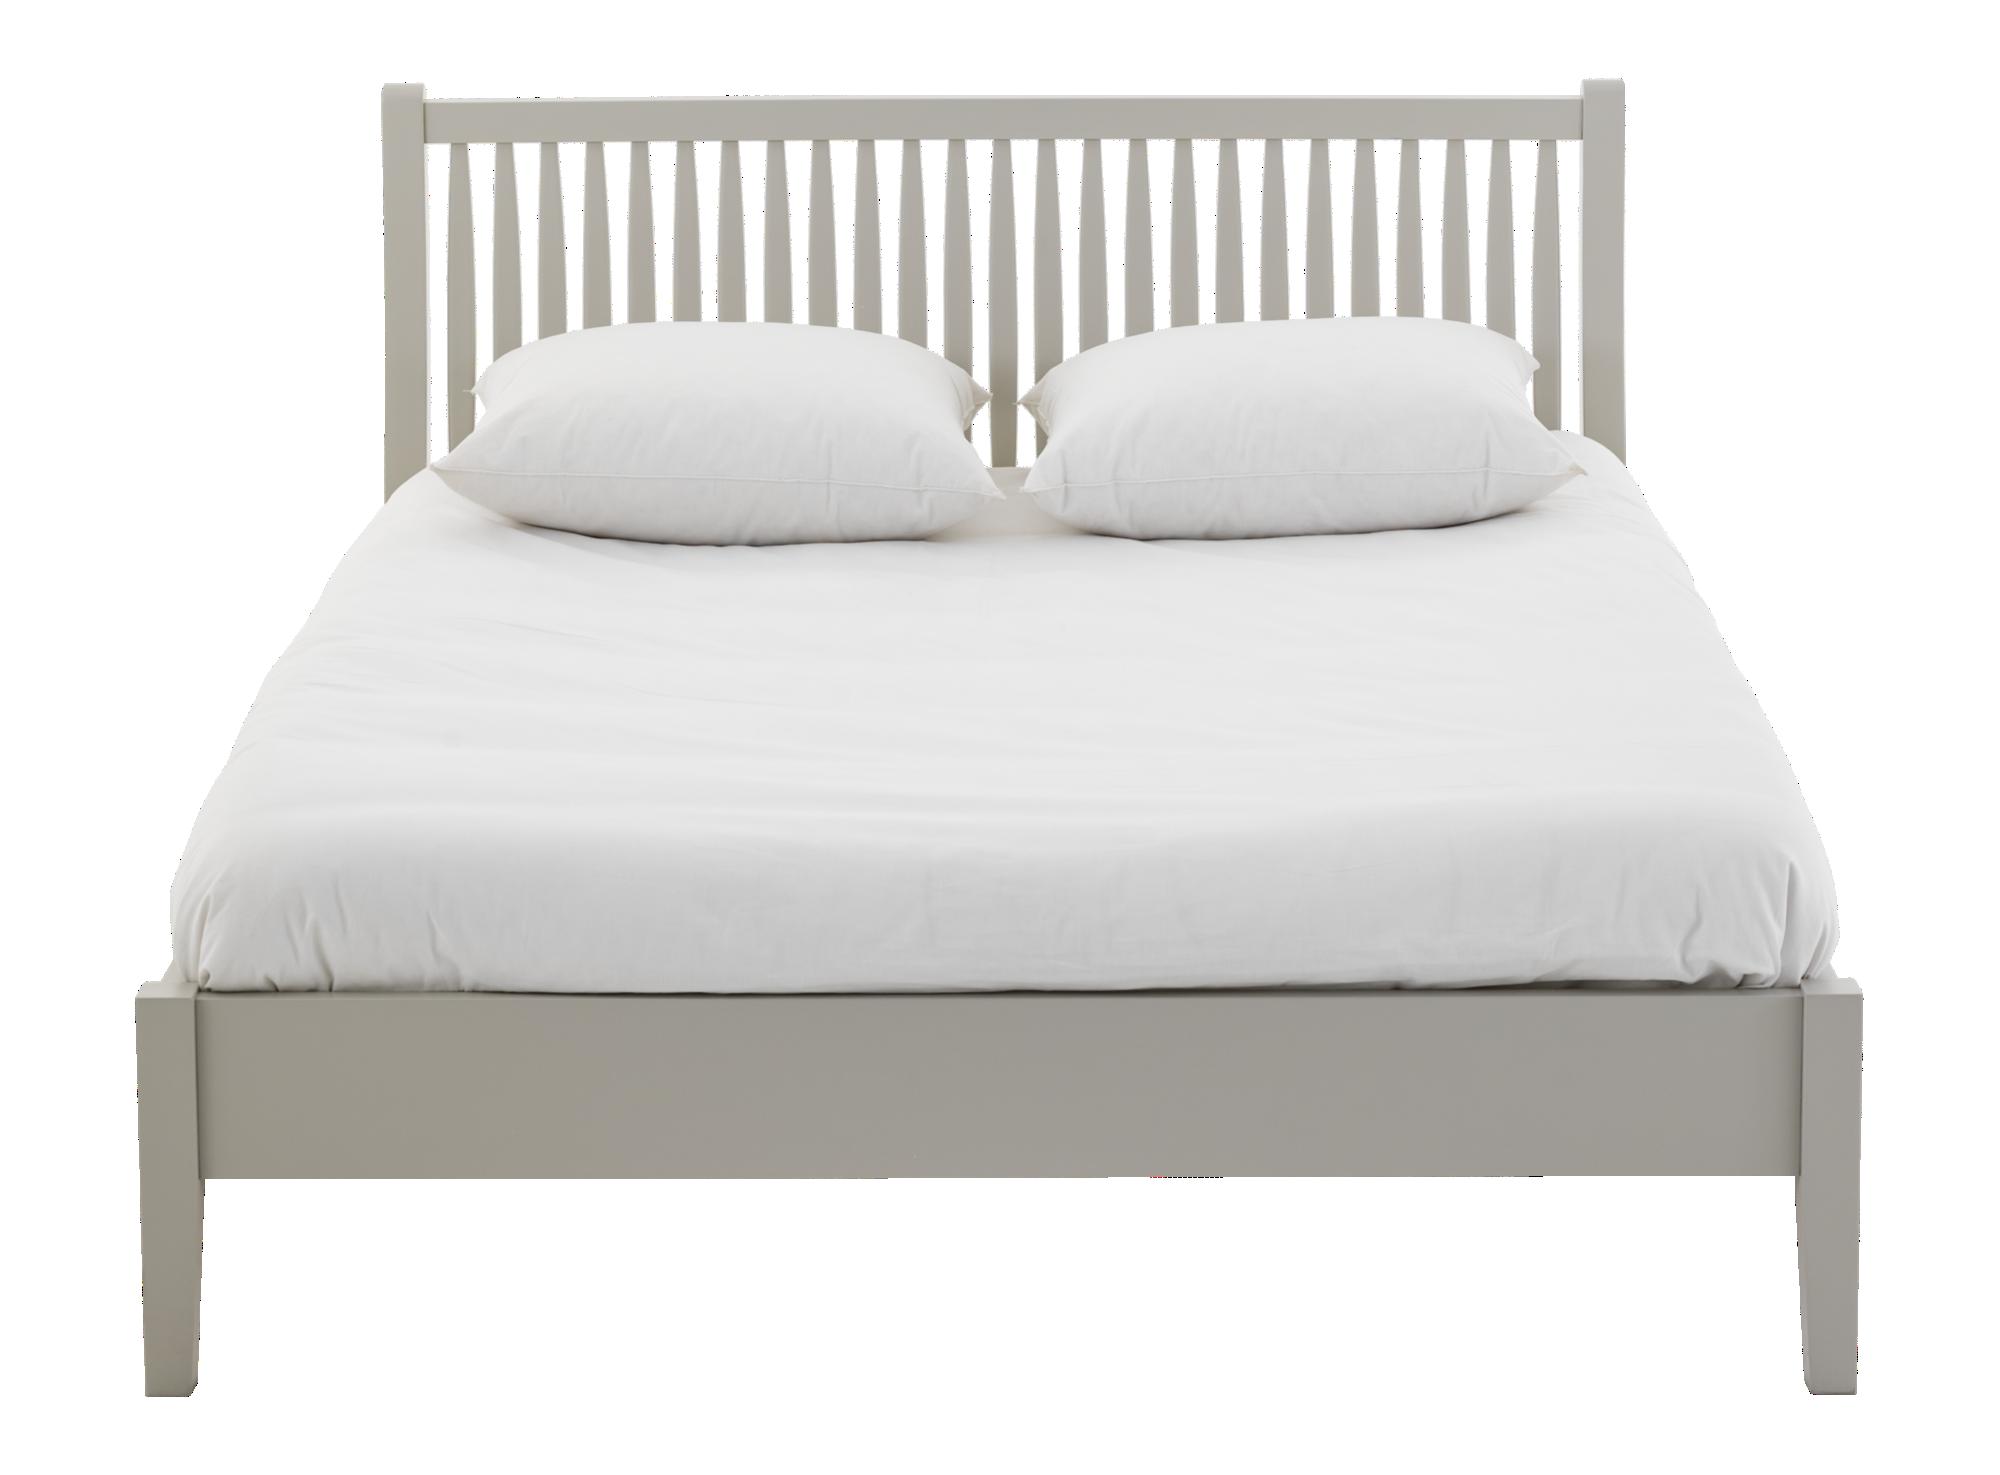 Lit gris laque : cadre de lit en pin lamelle. traverse centrale en pi ...